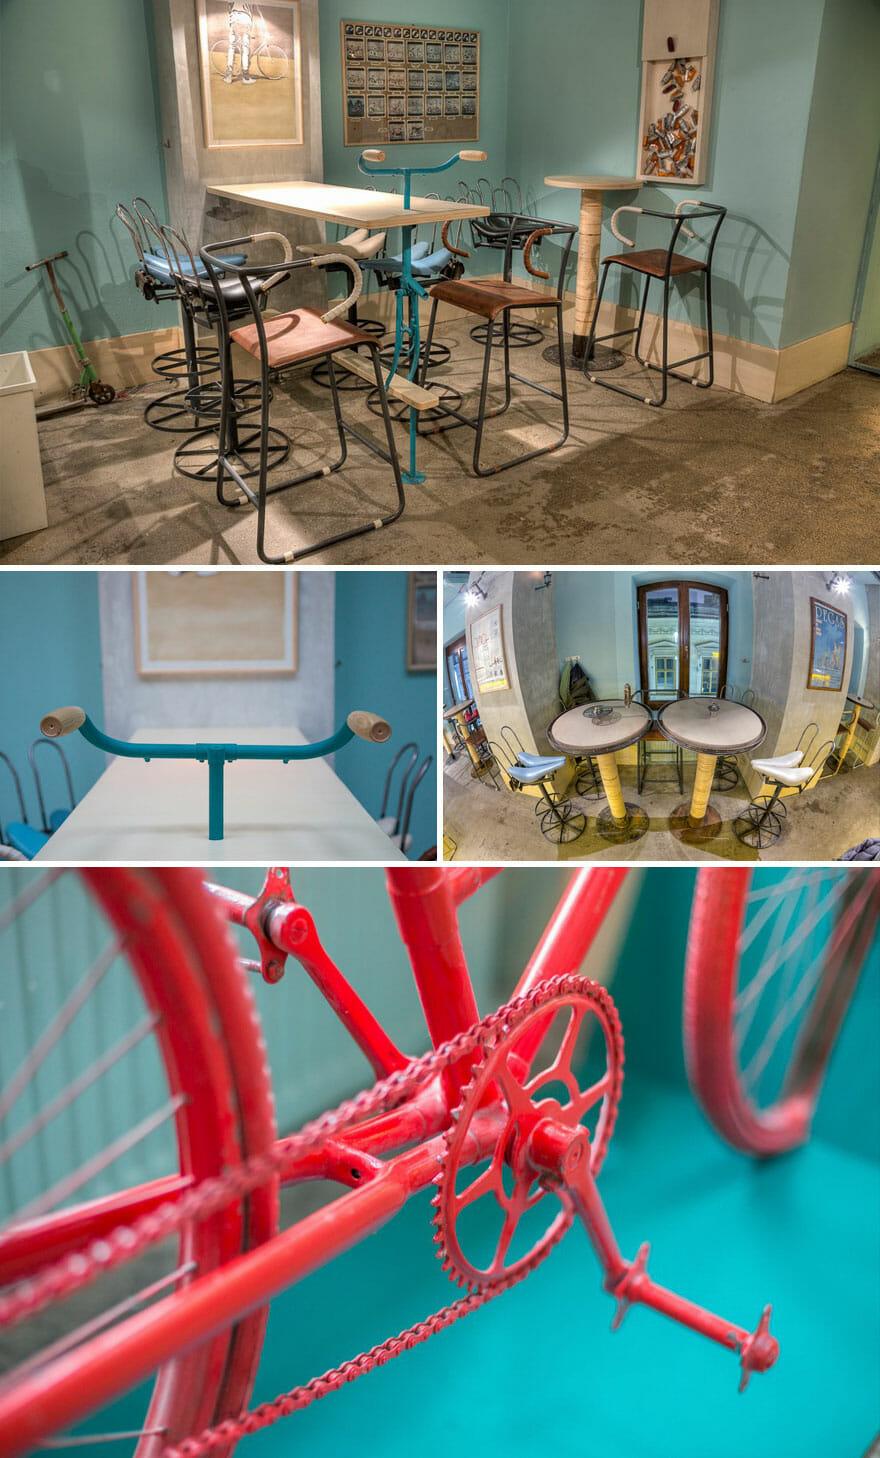 restaurantes-cafes-espetaculares_3